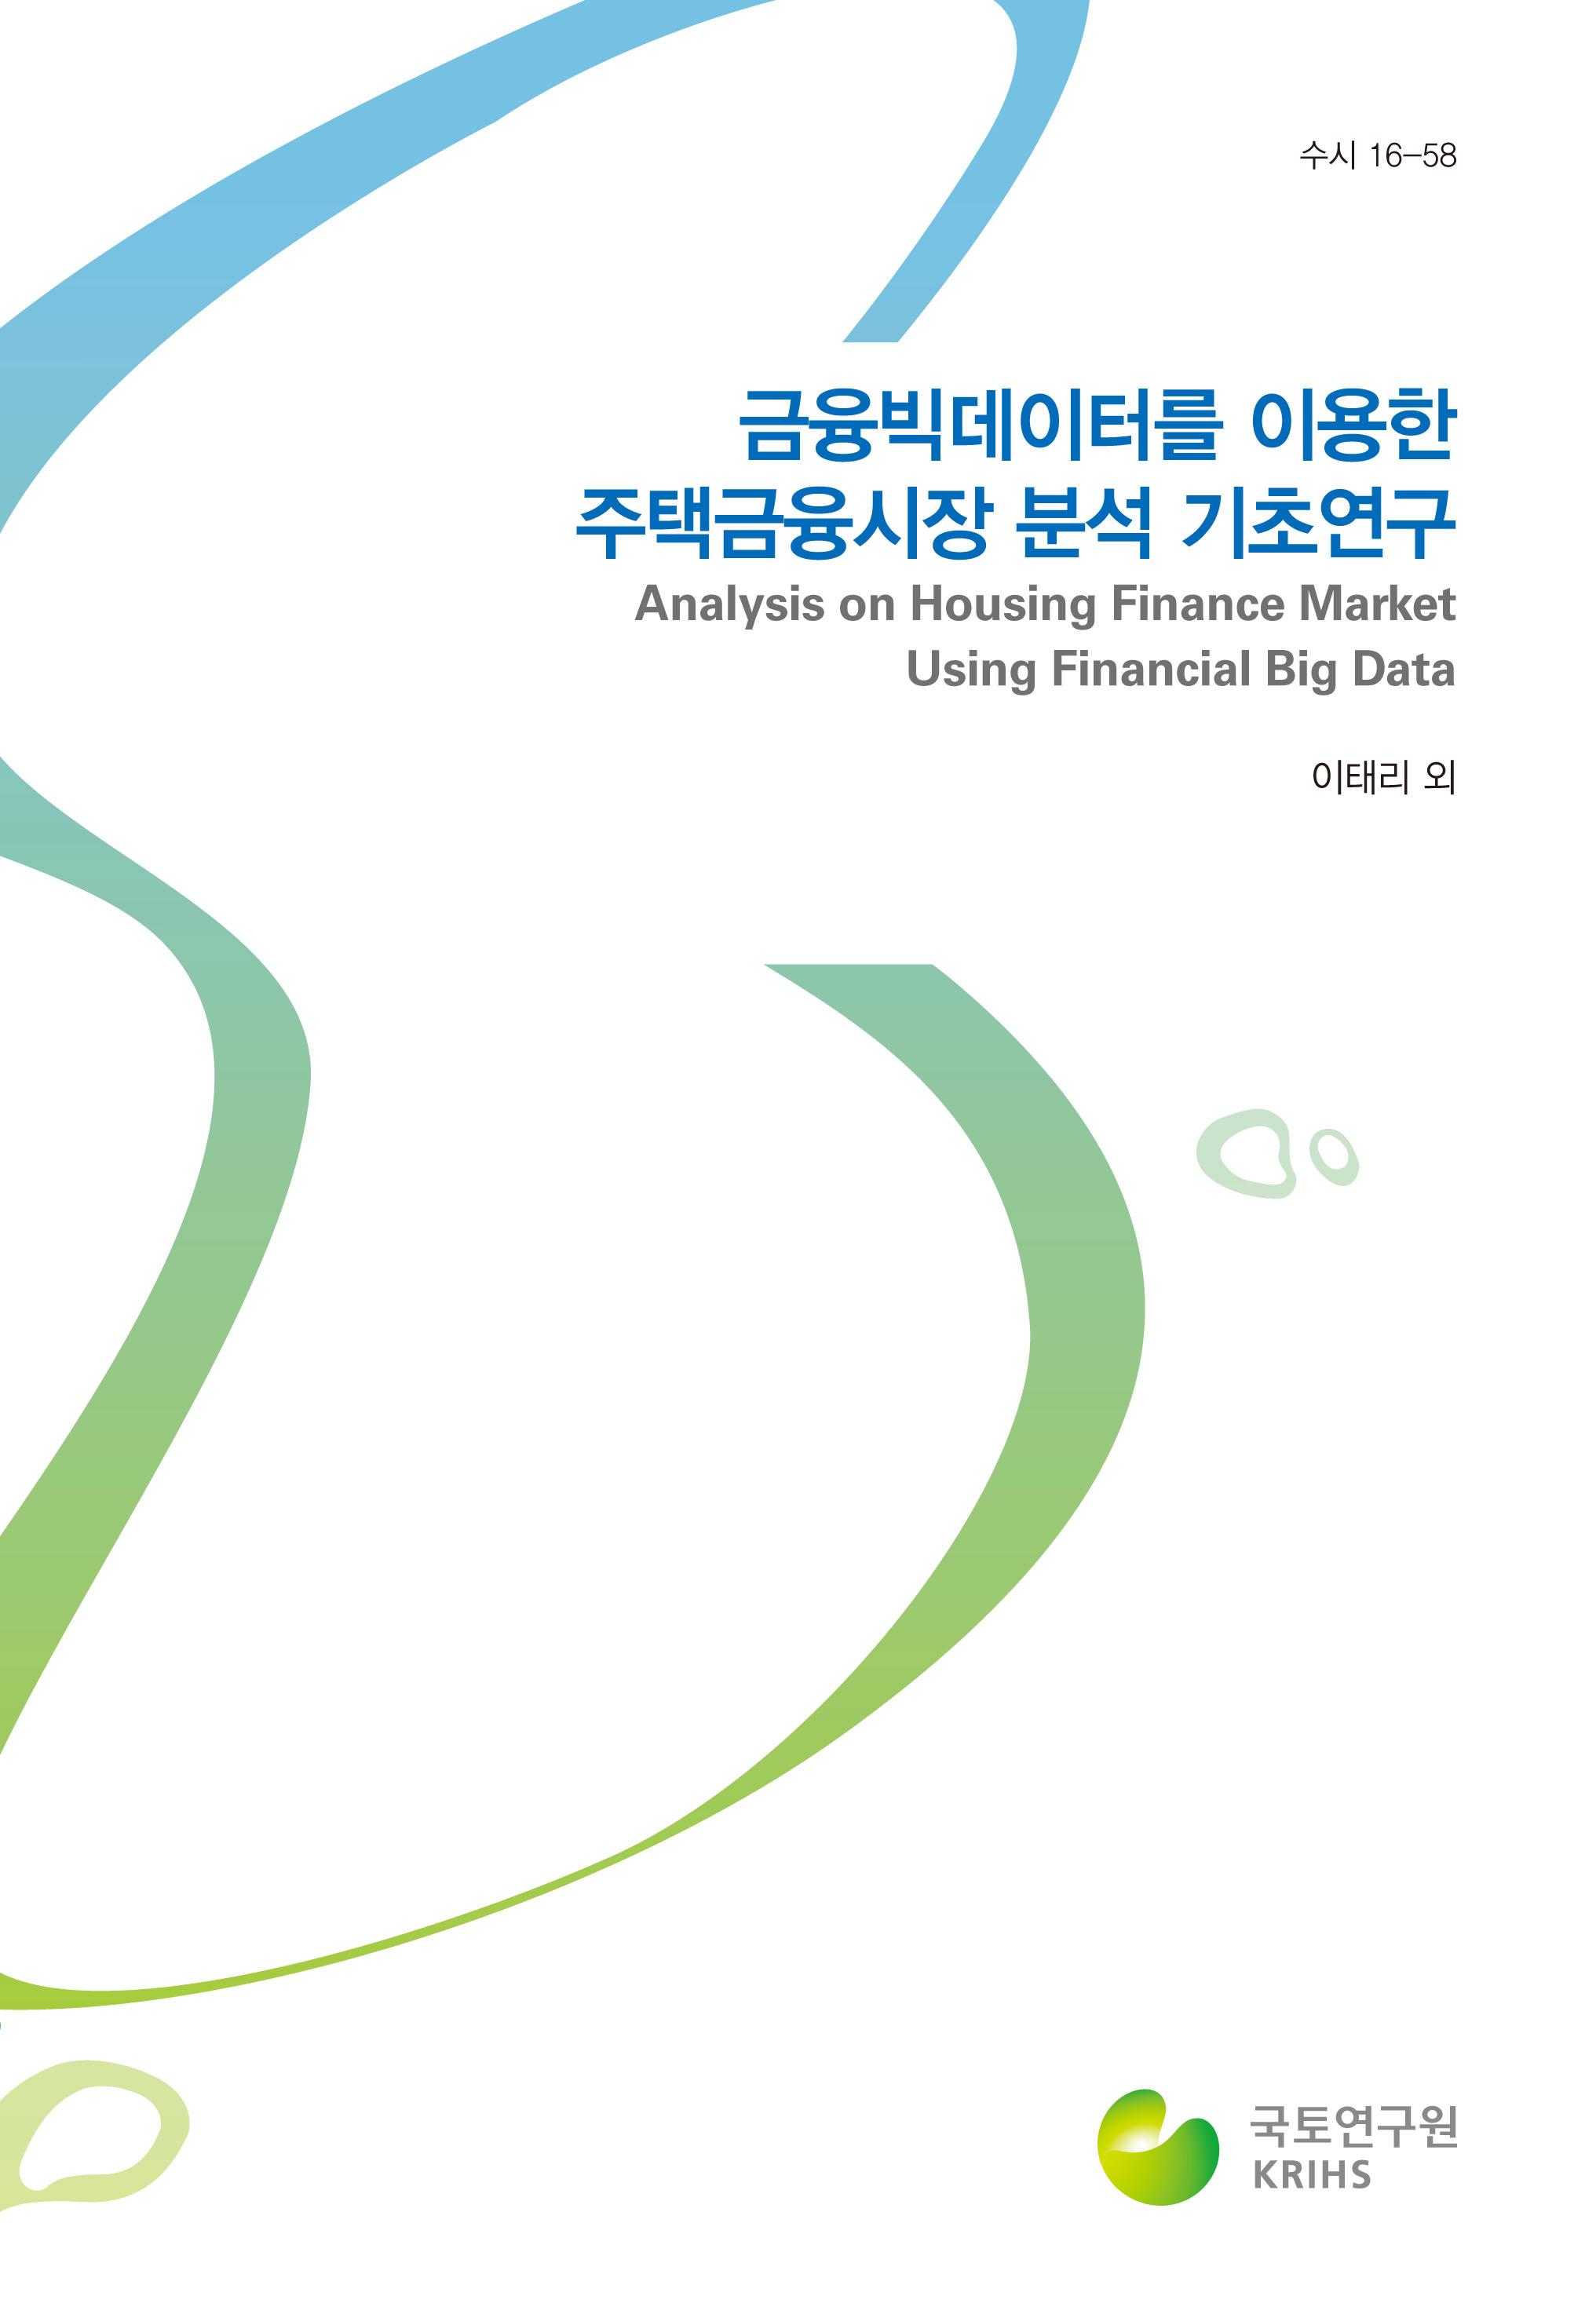 금융빅데이터를 이용한 주택금융시장 분석 기초연구표지